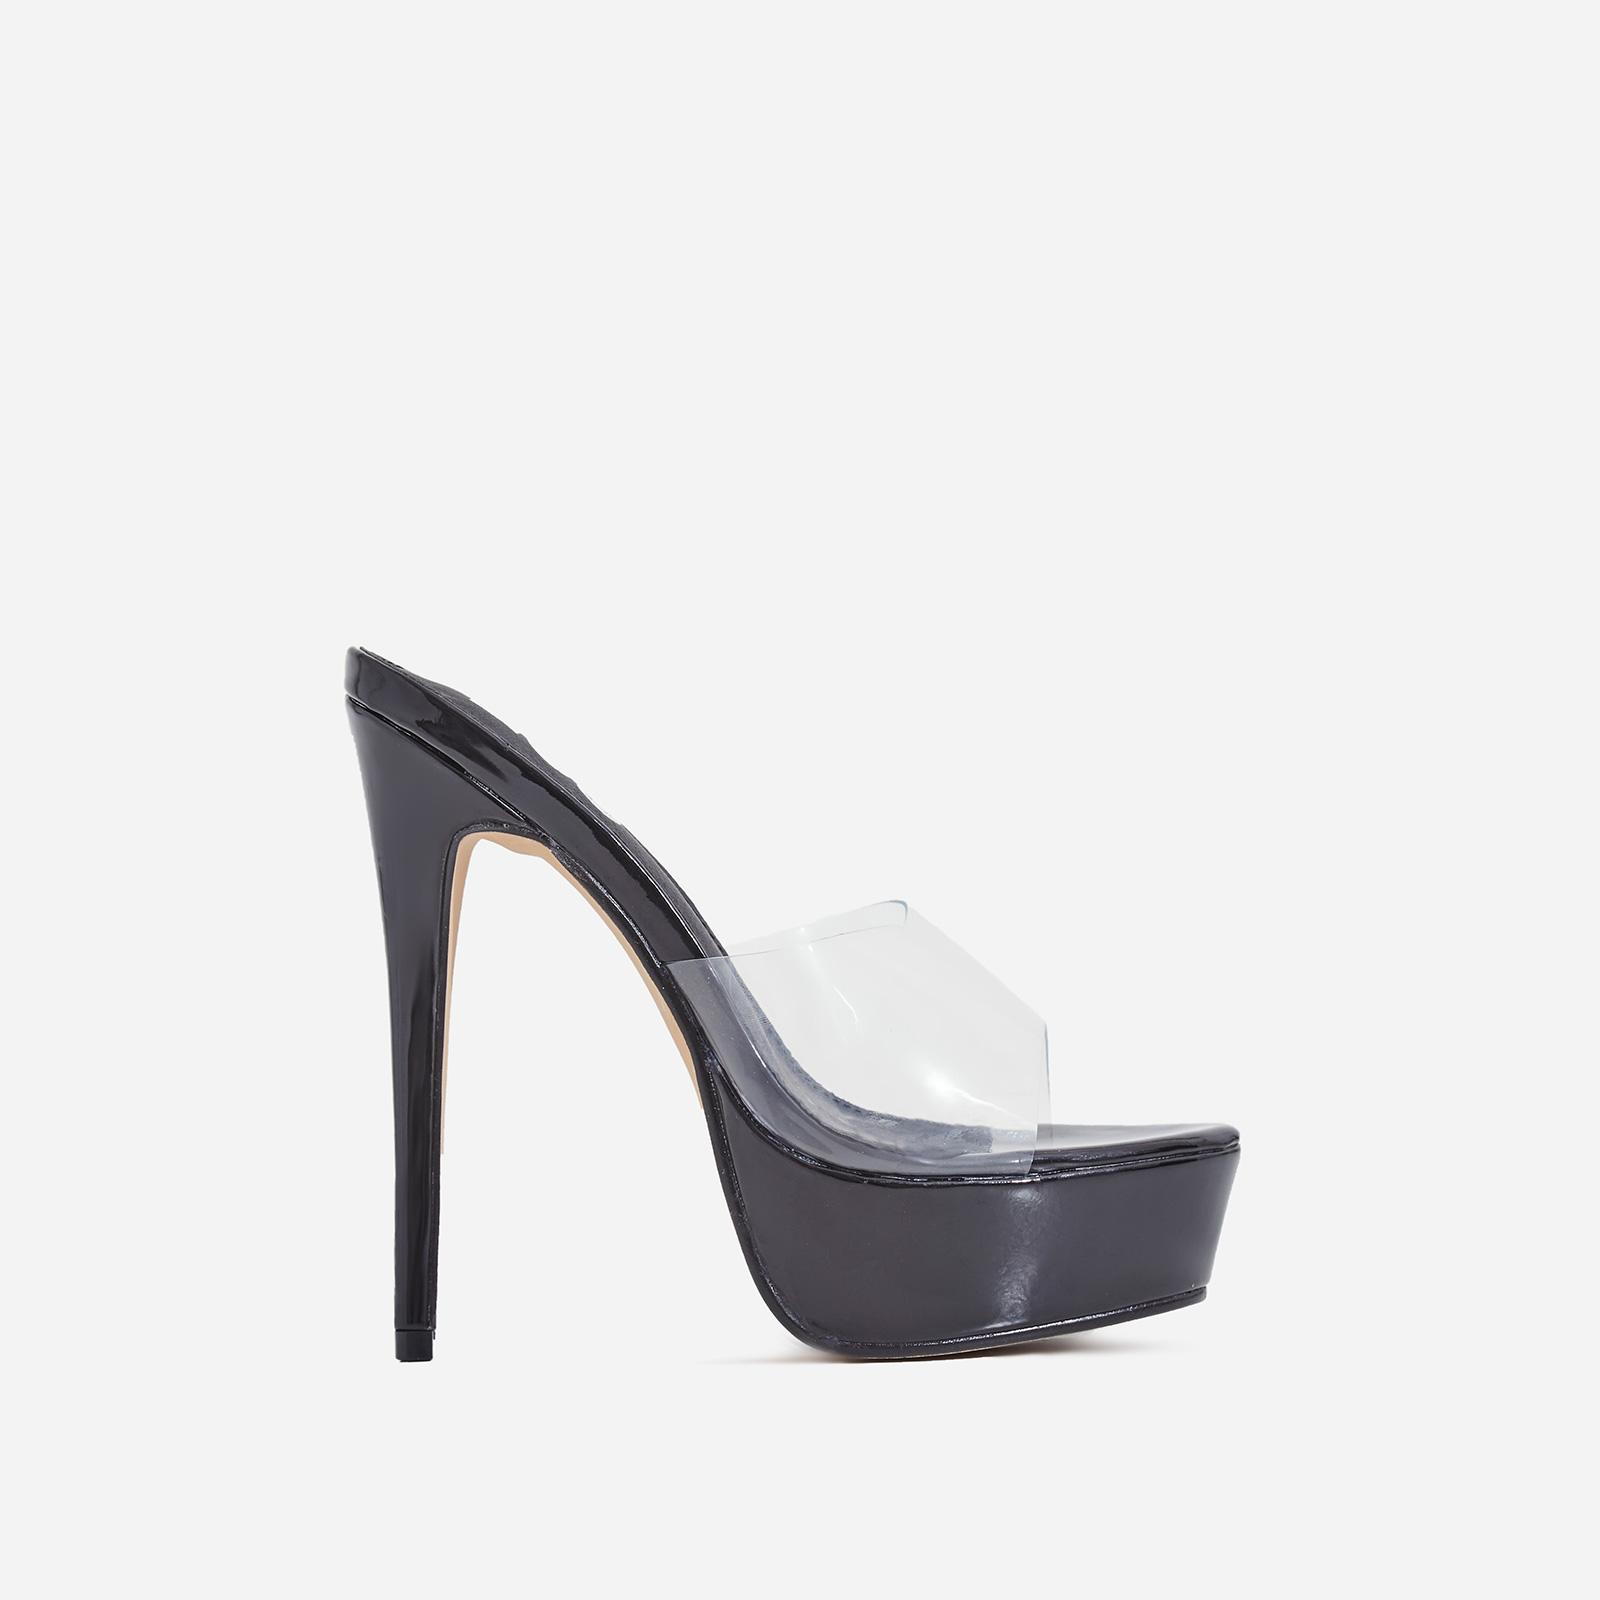 Mercedes Perspex Platform Heel Mule In Black Patent